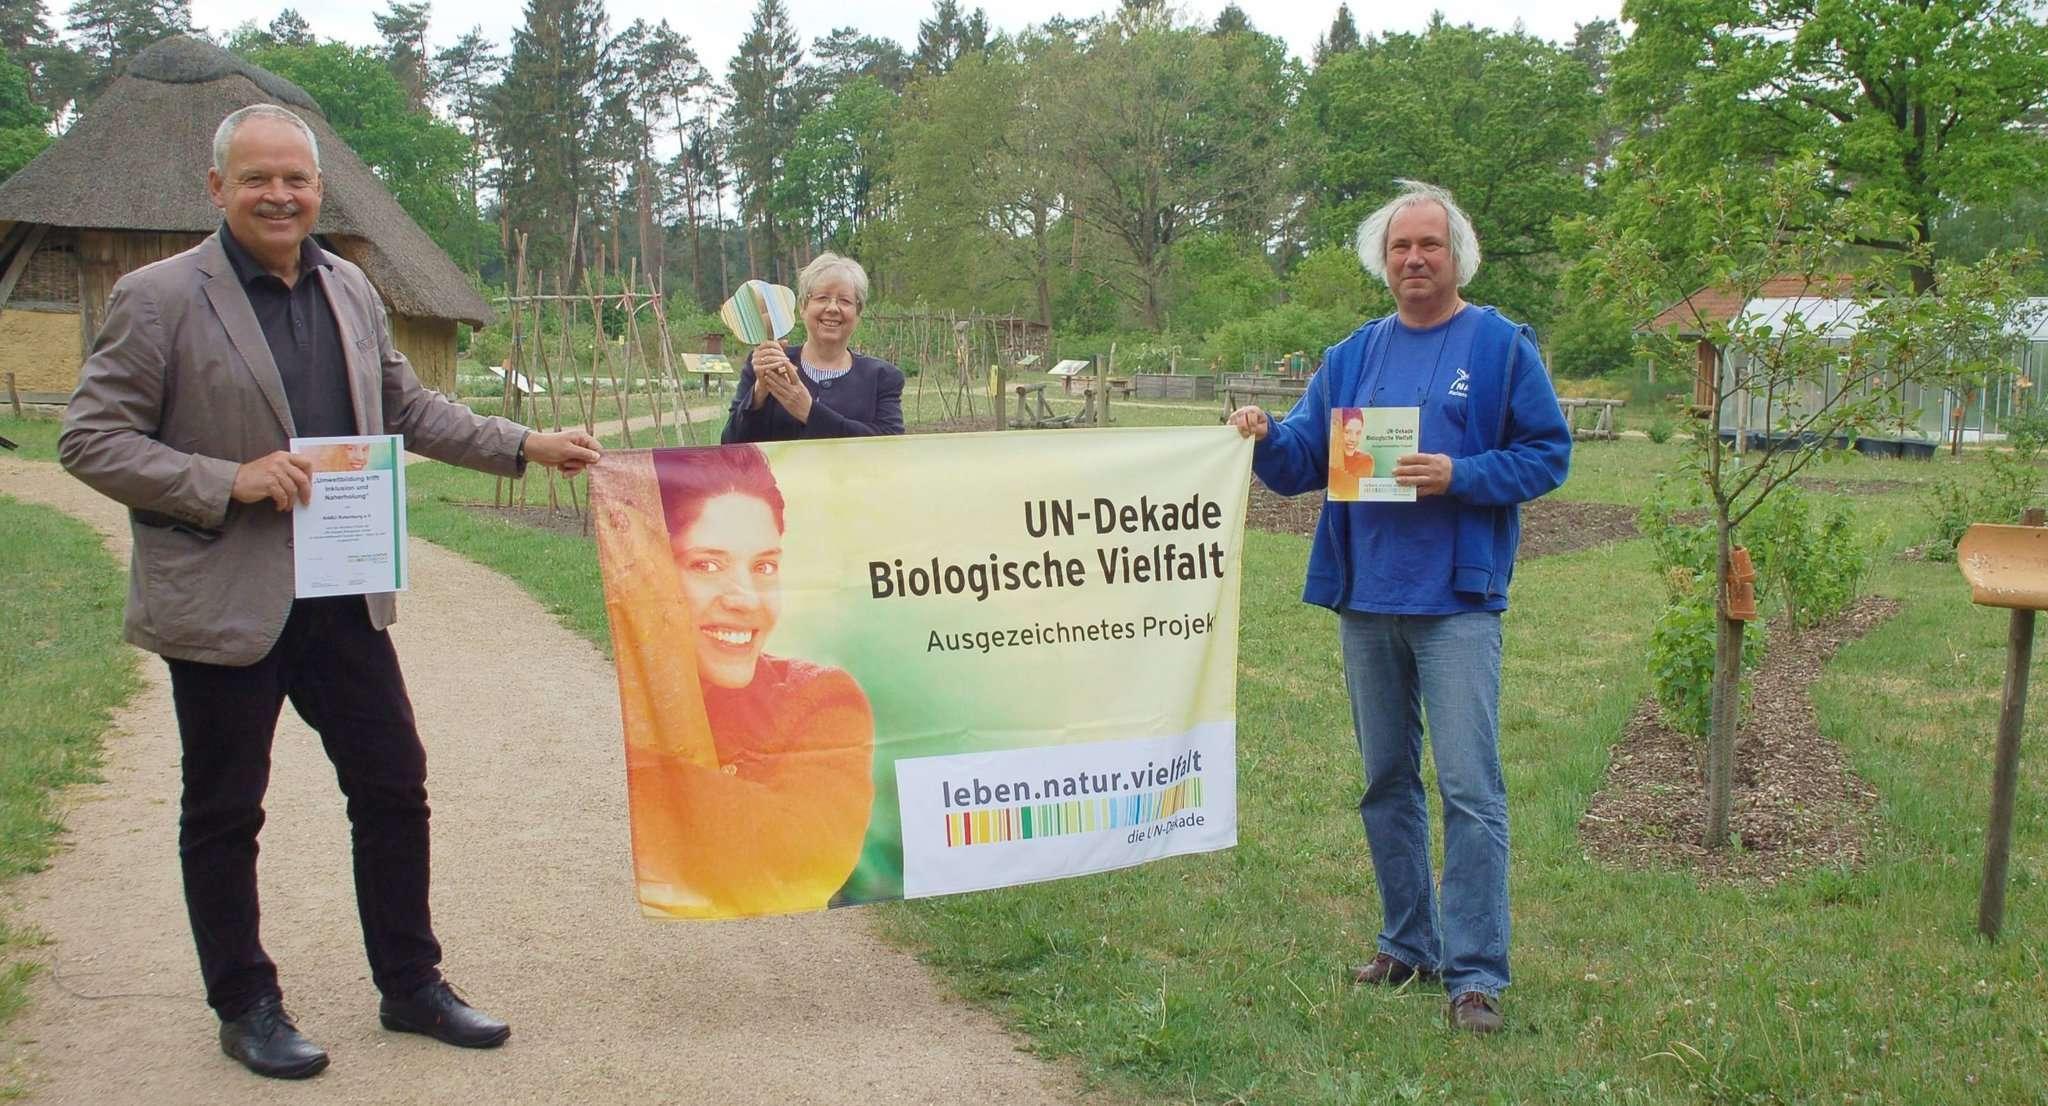 Ehrung in Corona-Zeiten: Andreas Weber (links) gratulierte Jutta Wendland-Park (Mitte) und Roland Meyer zur UN-Dekade-Auszeichnung.